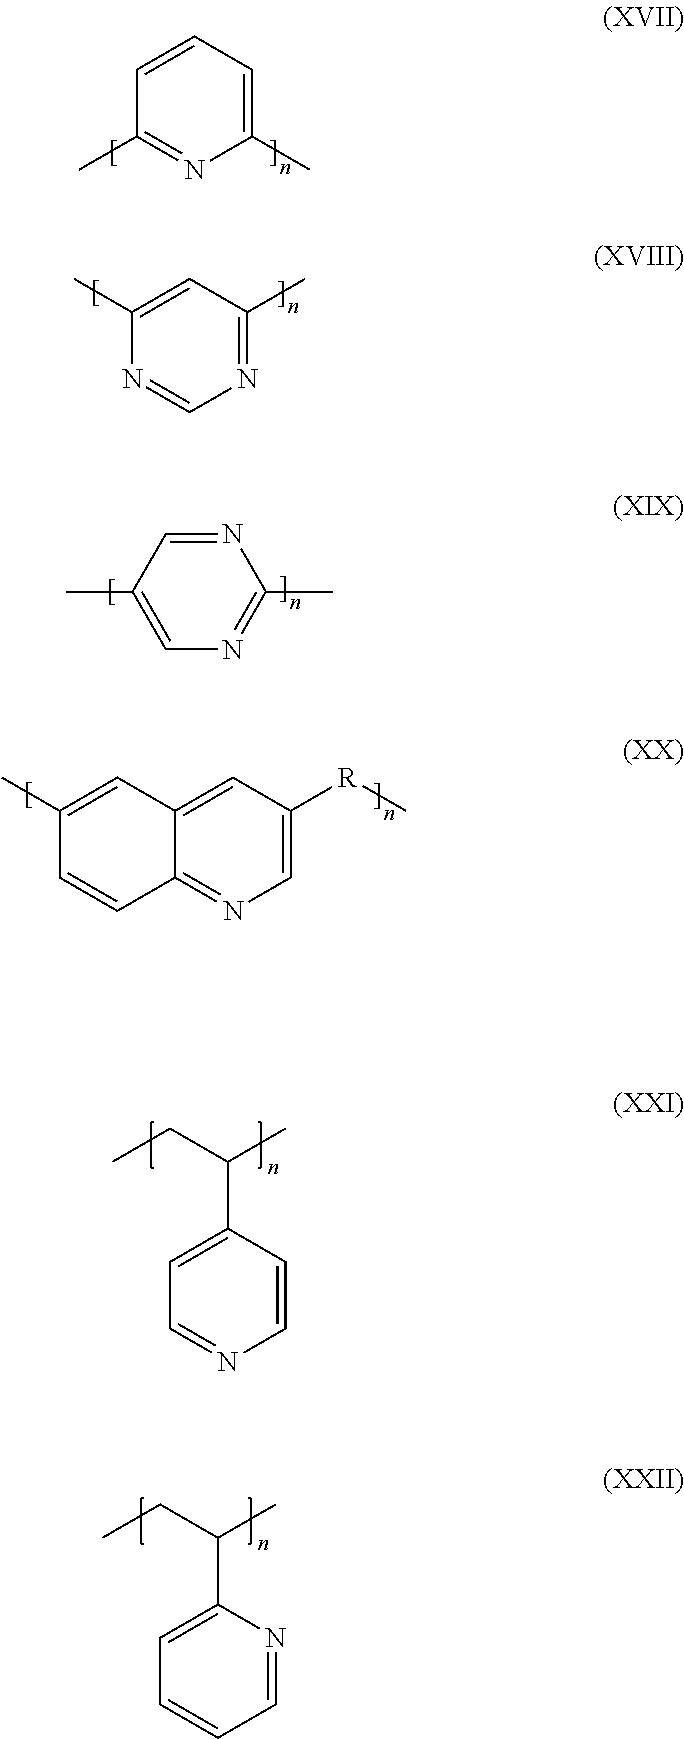 Figure US20110081591A1-20110407-C00003